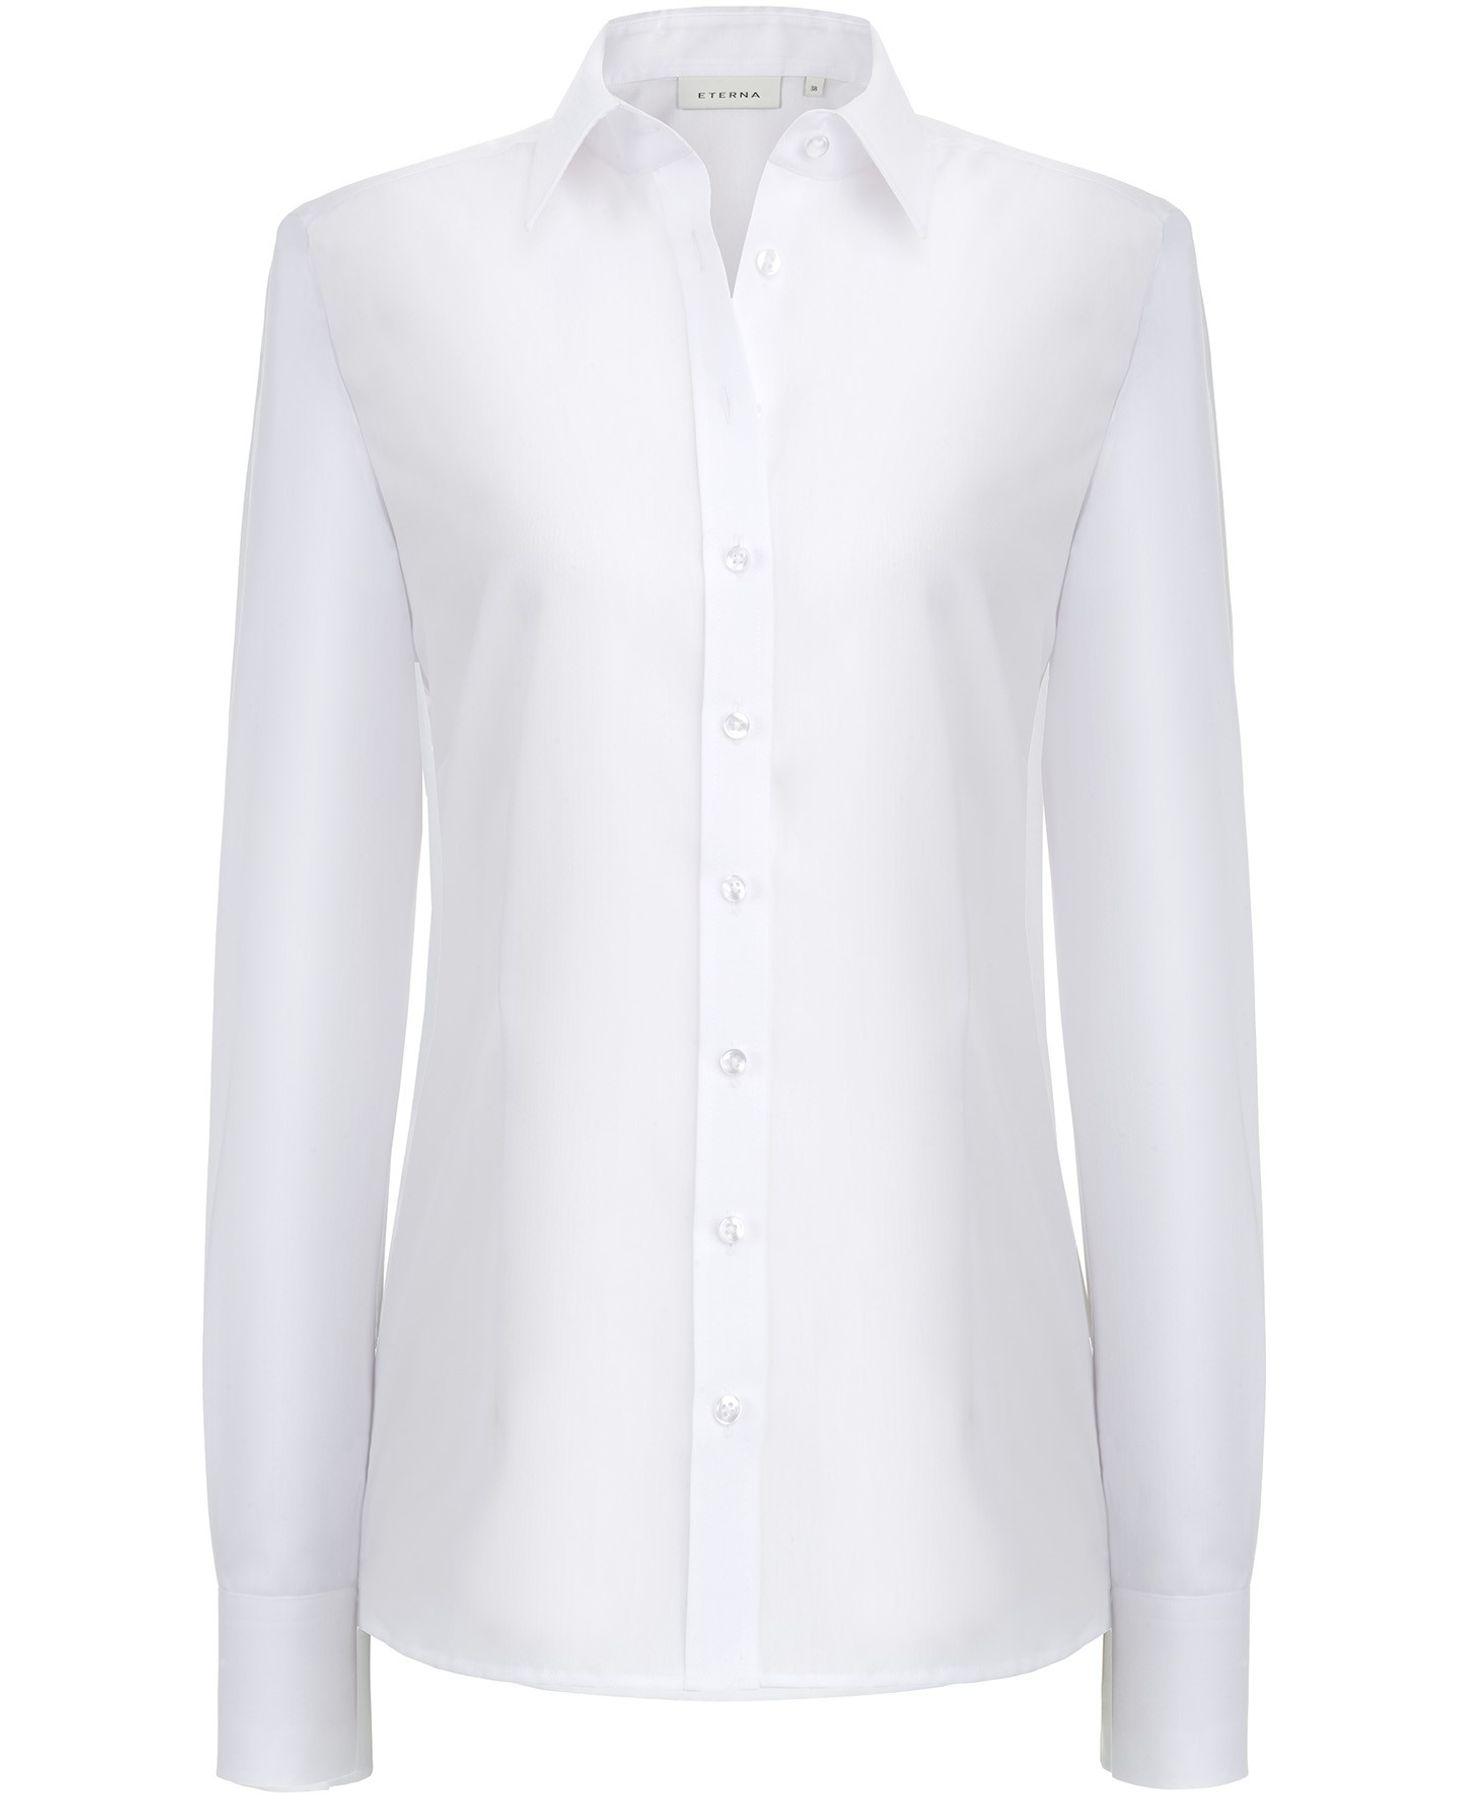 Eterna -  Comfort-Fit - Bügelfreie Damen Langarm - Bluse in Weiß, Blau, Rosè oder Schwarz (5220 D670) – Bild 1